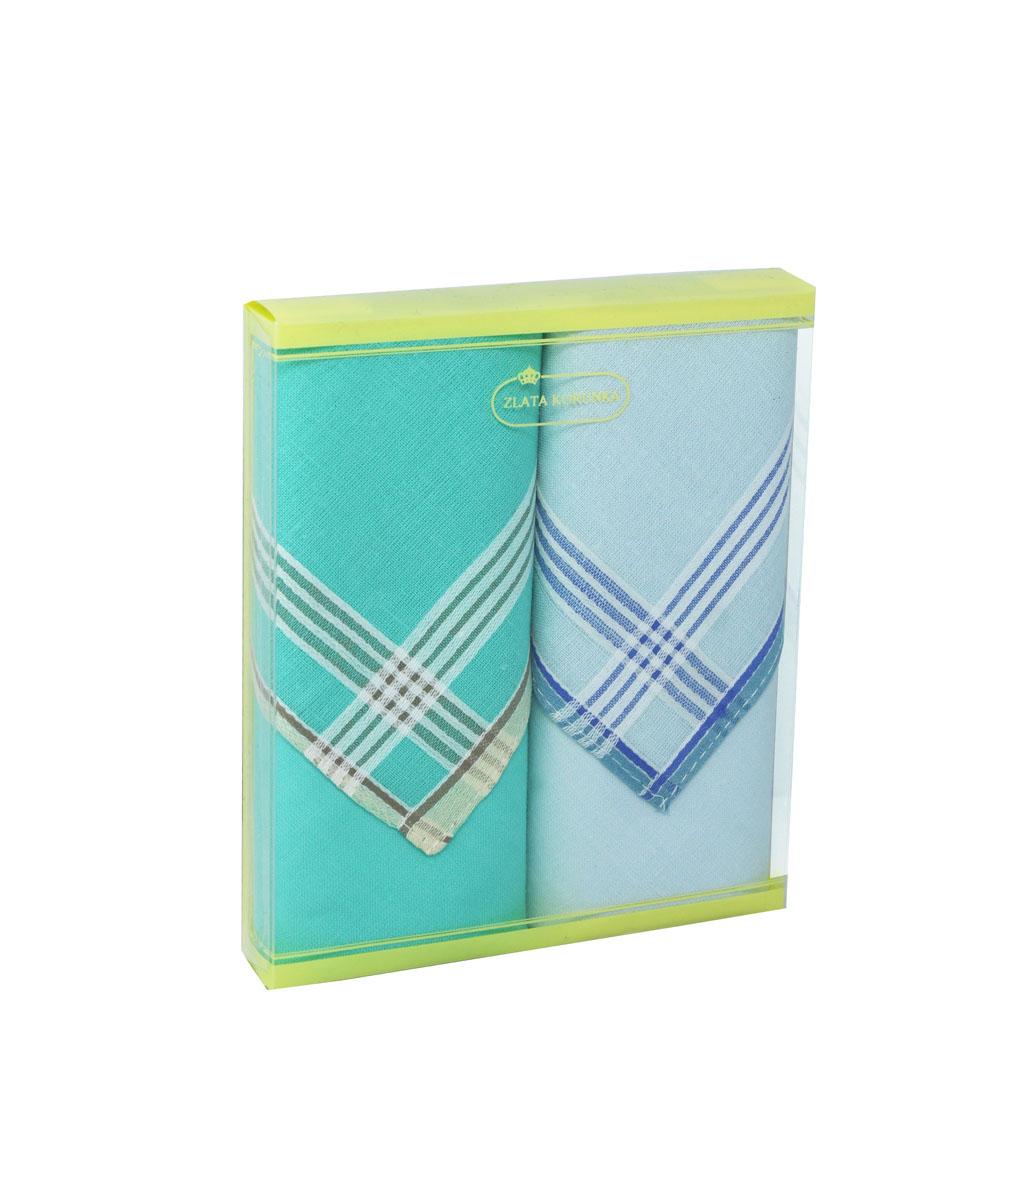 Платок носовой женский Zlata Korunka, цвет: зеленый, голубой. 71225-10. Размер 34 х 34 см, 2 шт39864|Серьги с подвескамиНосовой платок Zlata Korunka изготовлен из высококачественного натурального хлопка, благодаря чему приятен в использовании, хорошо стирается, не садится и отлично впитывает влагу. Практичный и изящный носовой платок будет незаменим в повседневной жизни любого современного человека. Такой платок послужит стильным аксессуаром и подчеркнет ваше превосходное чувство вкуса.В комплекте 2 платка.